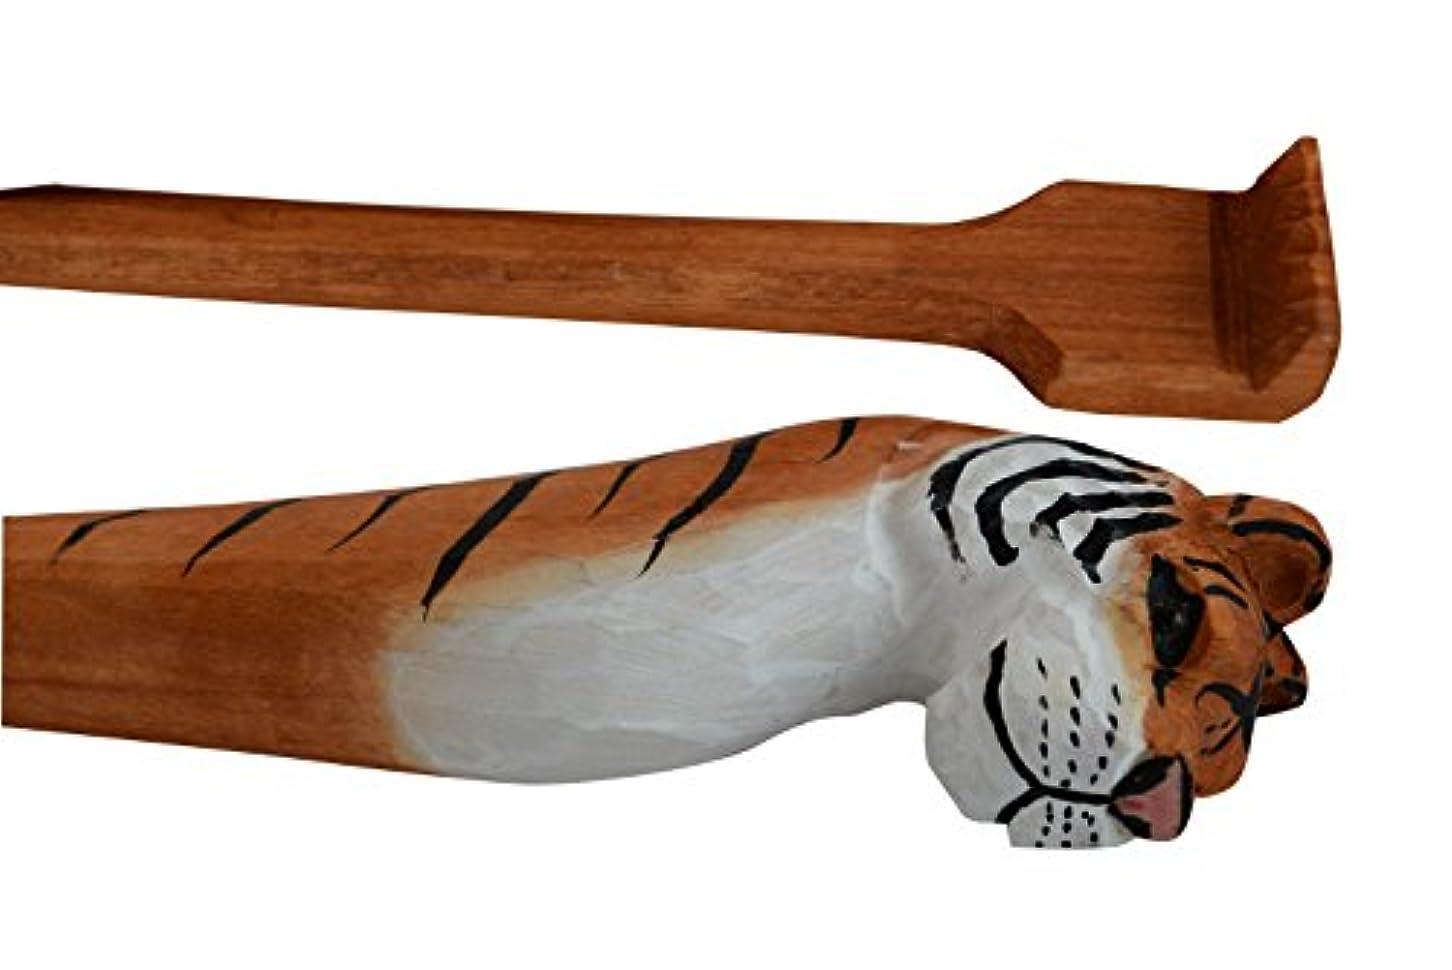 ファーザーファージュシアー剥ぎ取るBack Scratcher Hand Crafted動物メンズレディース木製孫の手 Backscratcher